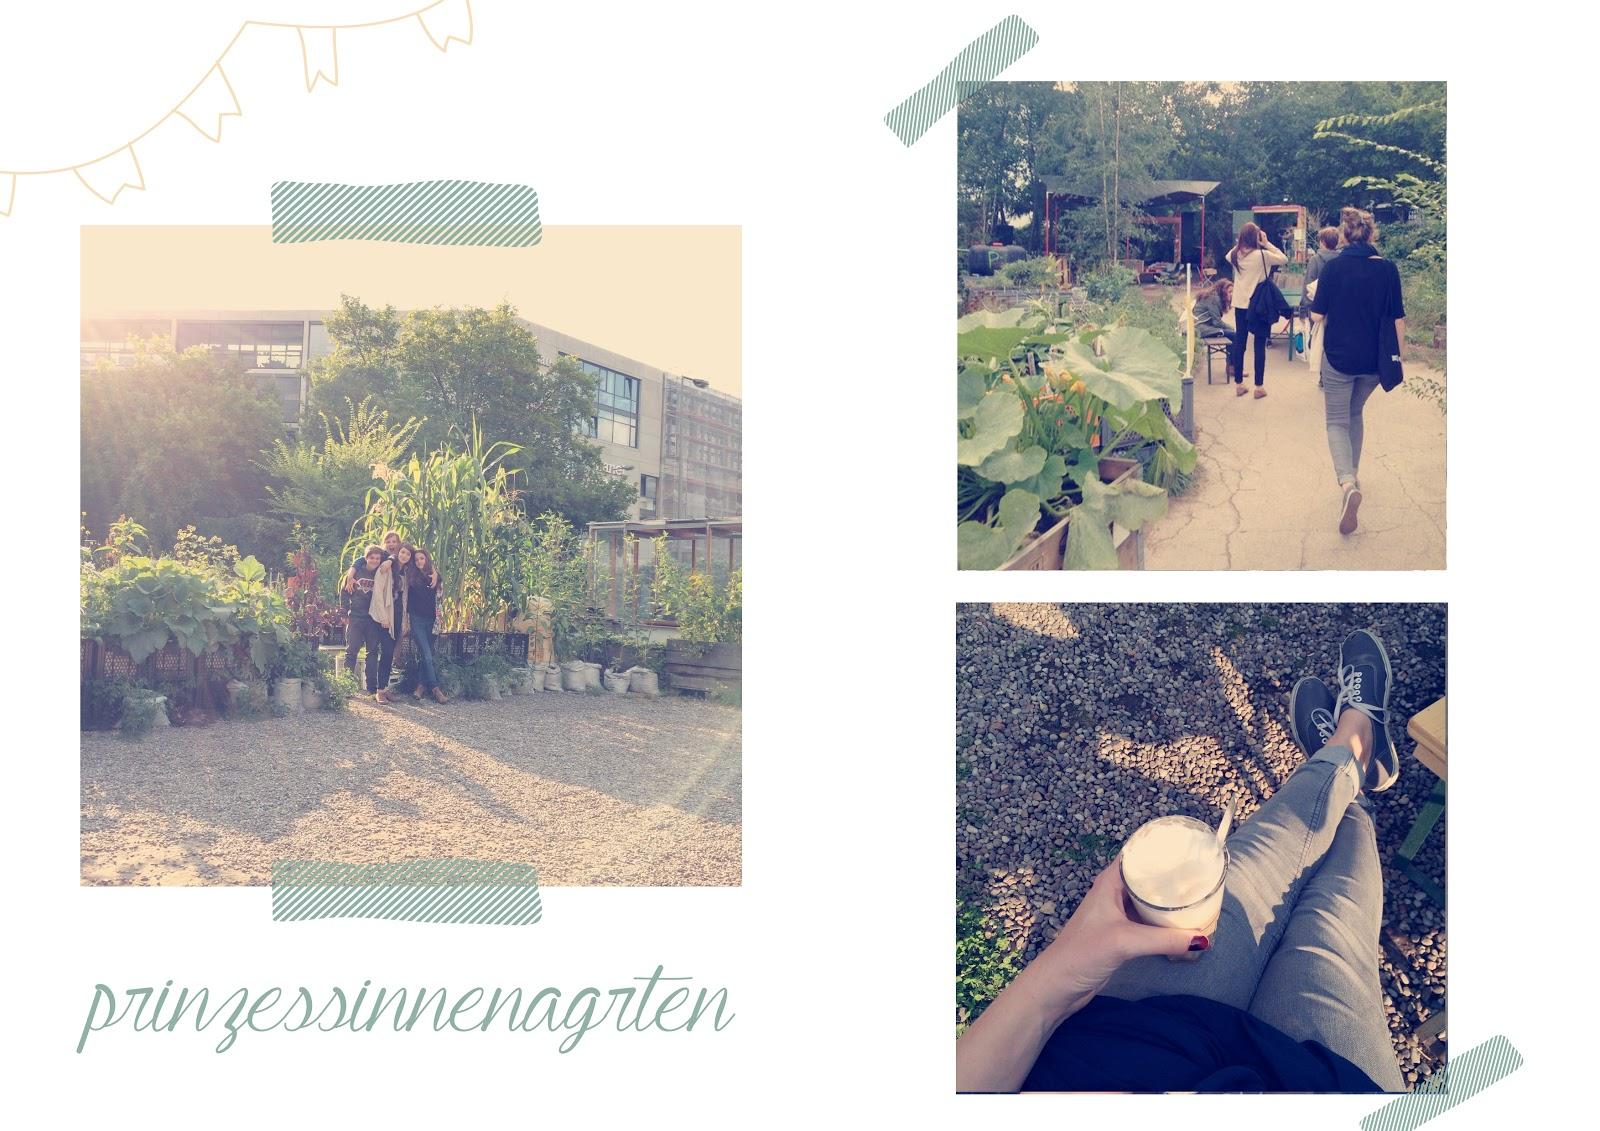 Unterwegs im Prinzessinnengarten